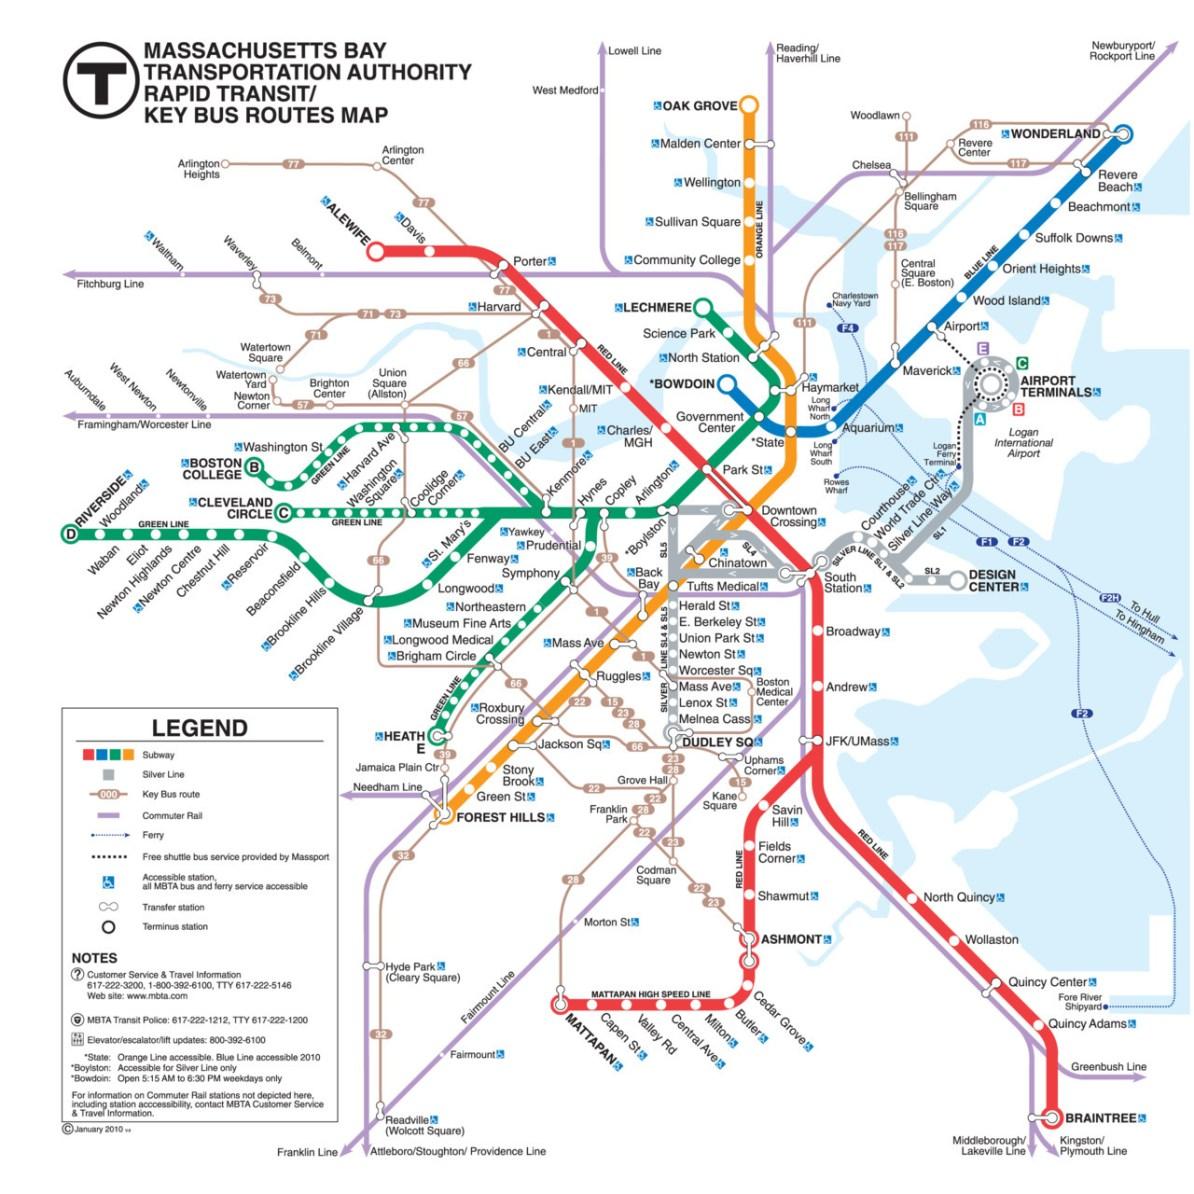 boston mbta bus map Transit Maps Official Map Boston Mbta Rapid Transit Key Bus boston mbta bus map